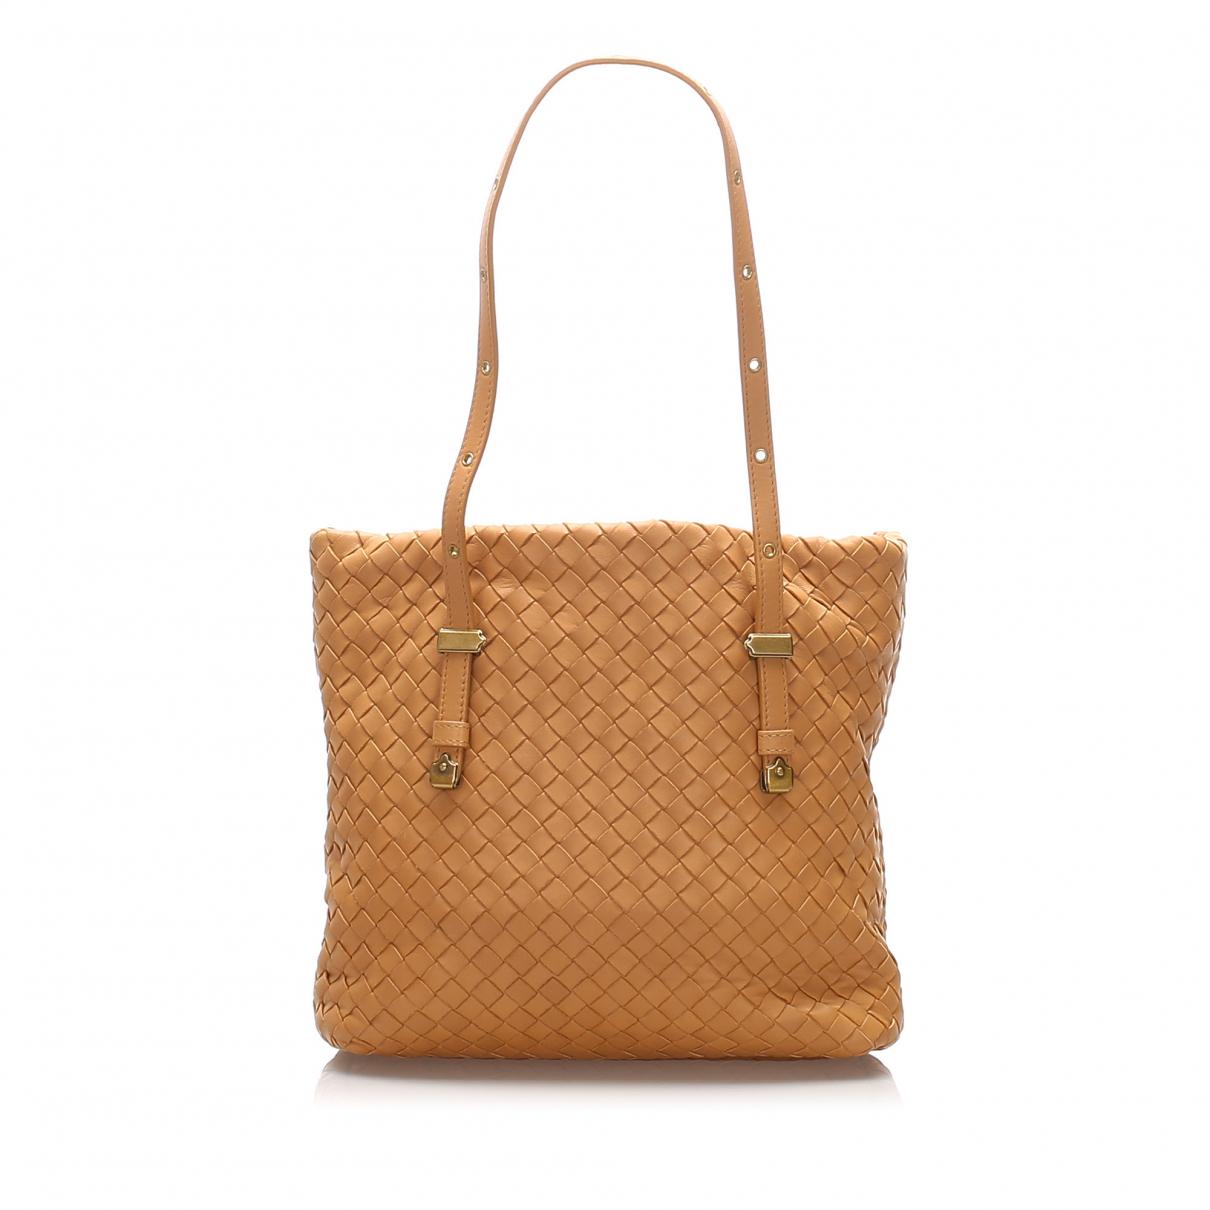 Bottega Veneta \N Brown Leather handbag for Women \N